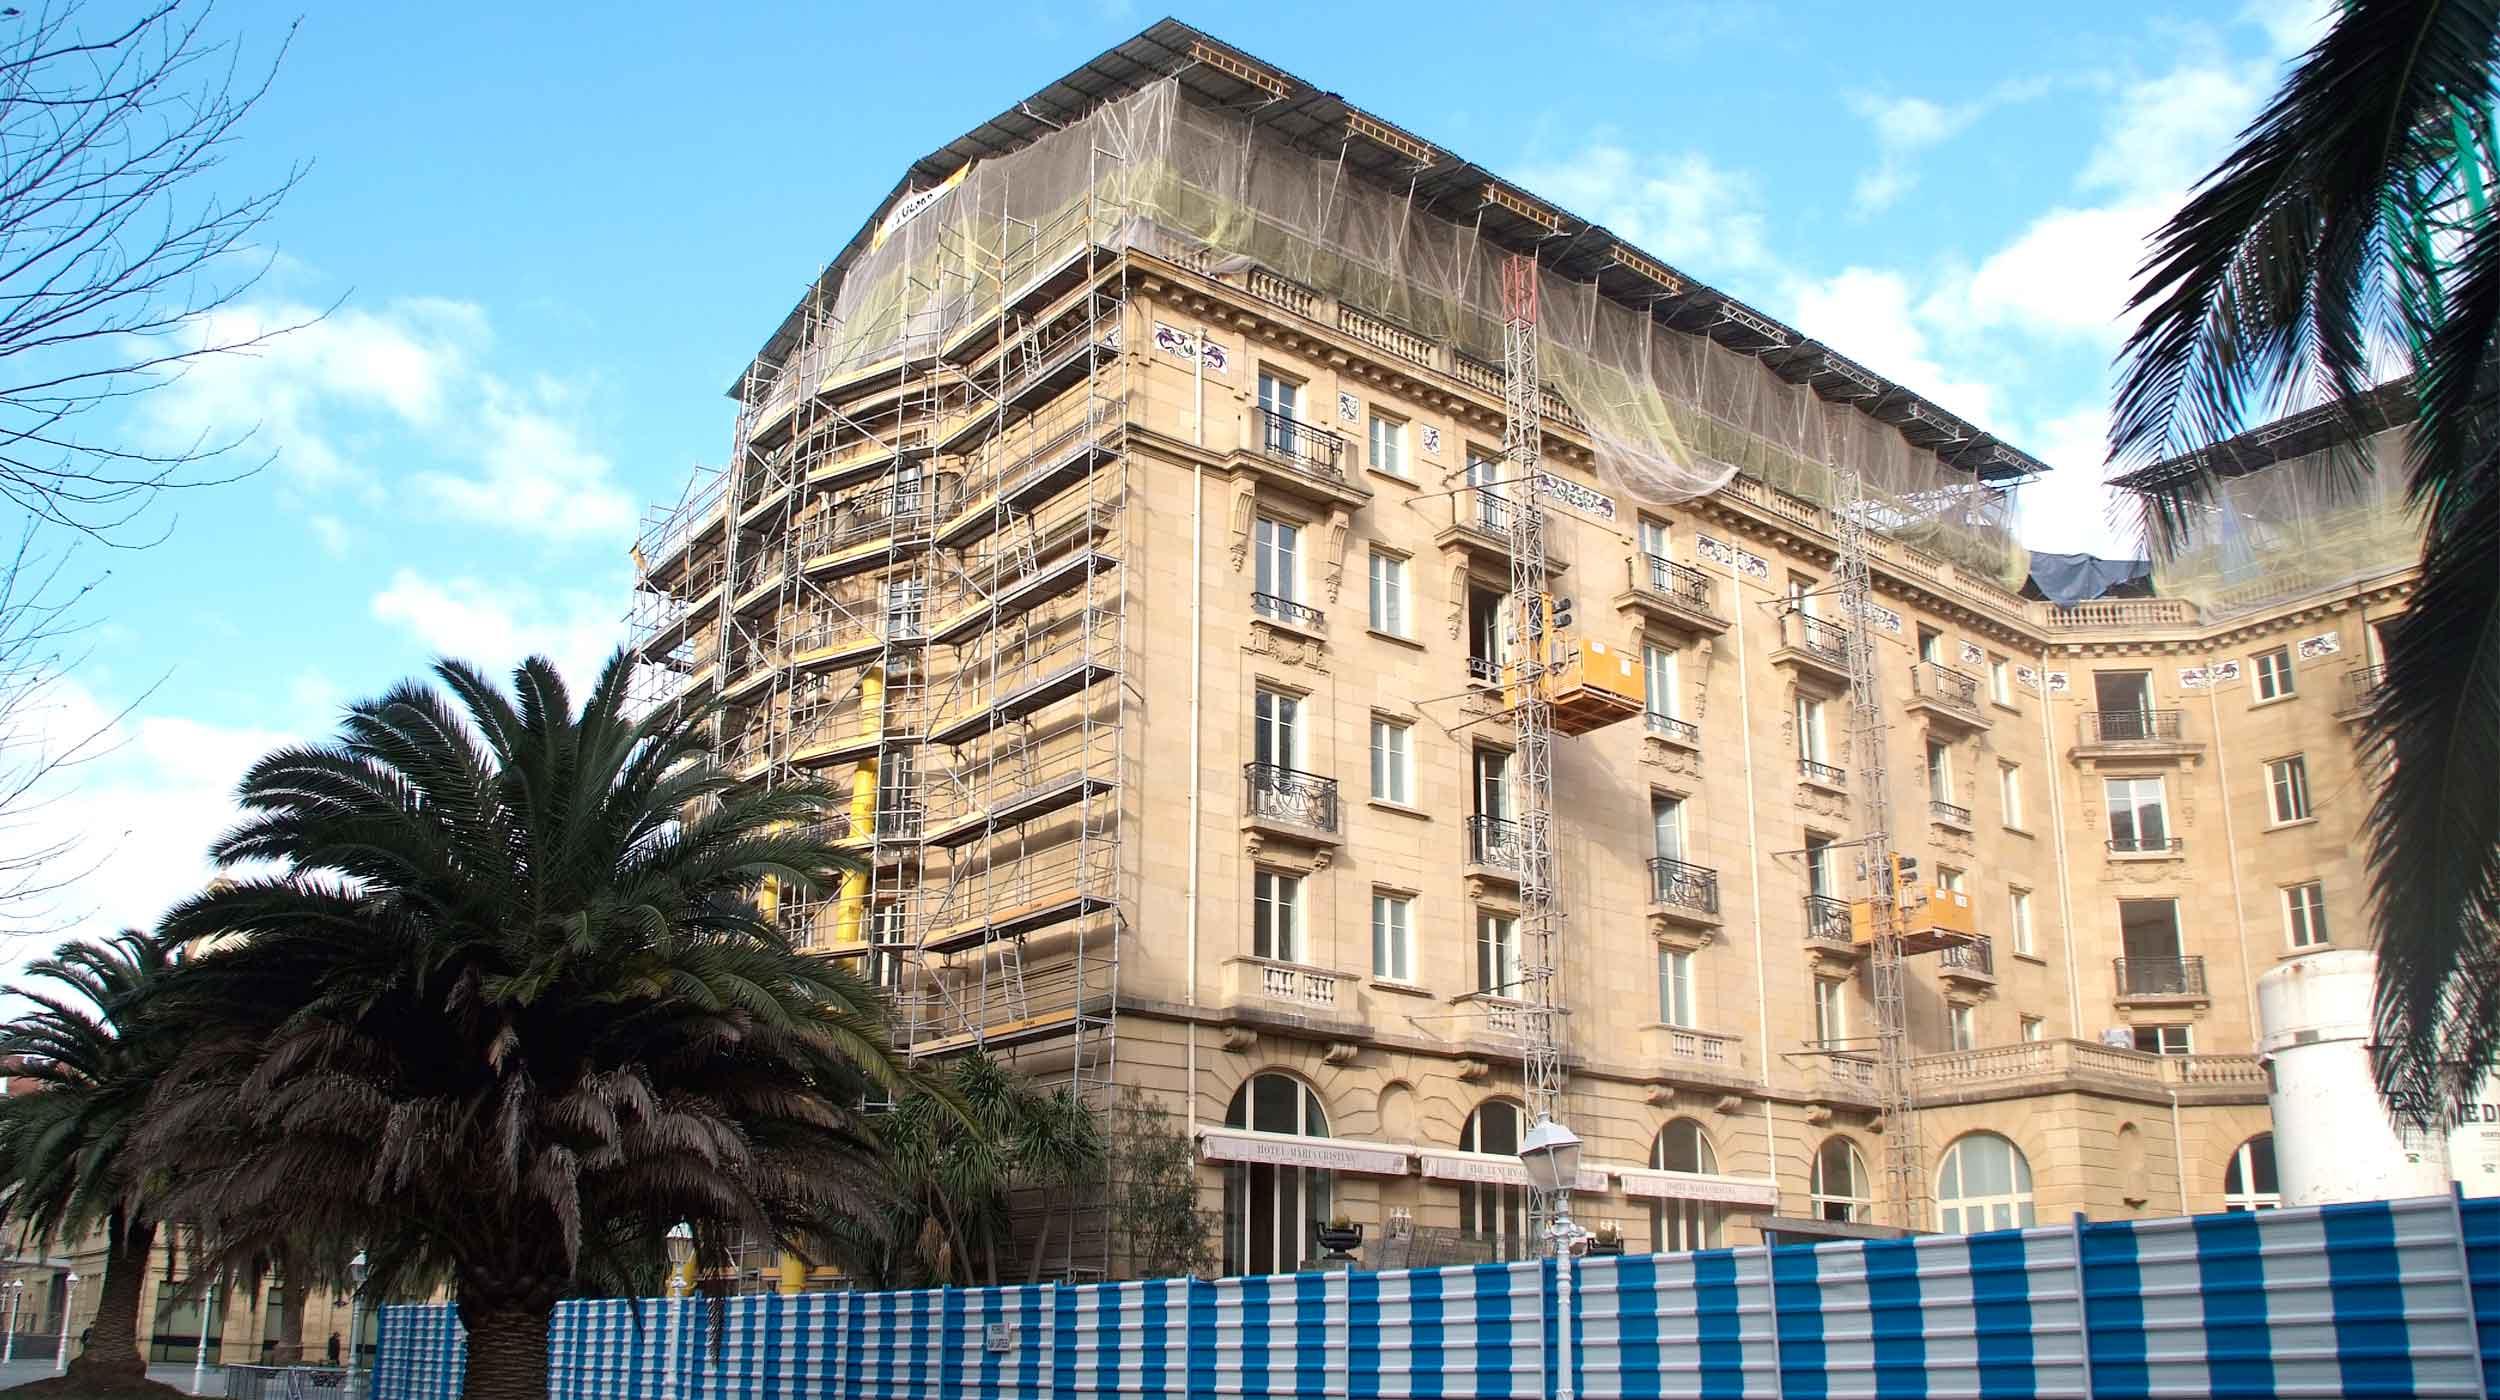 El 9 de octubre de 2011 ha sido la fecha elegida por la cadena hotelera Starwood para echar el cierre y comenzar las obras que supondrán la rehabilitación integral de sus instalaciones.